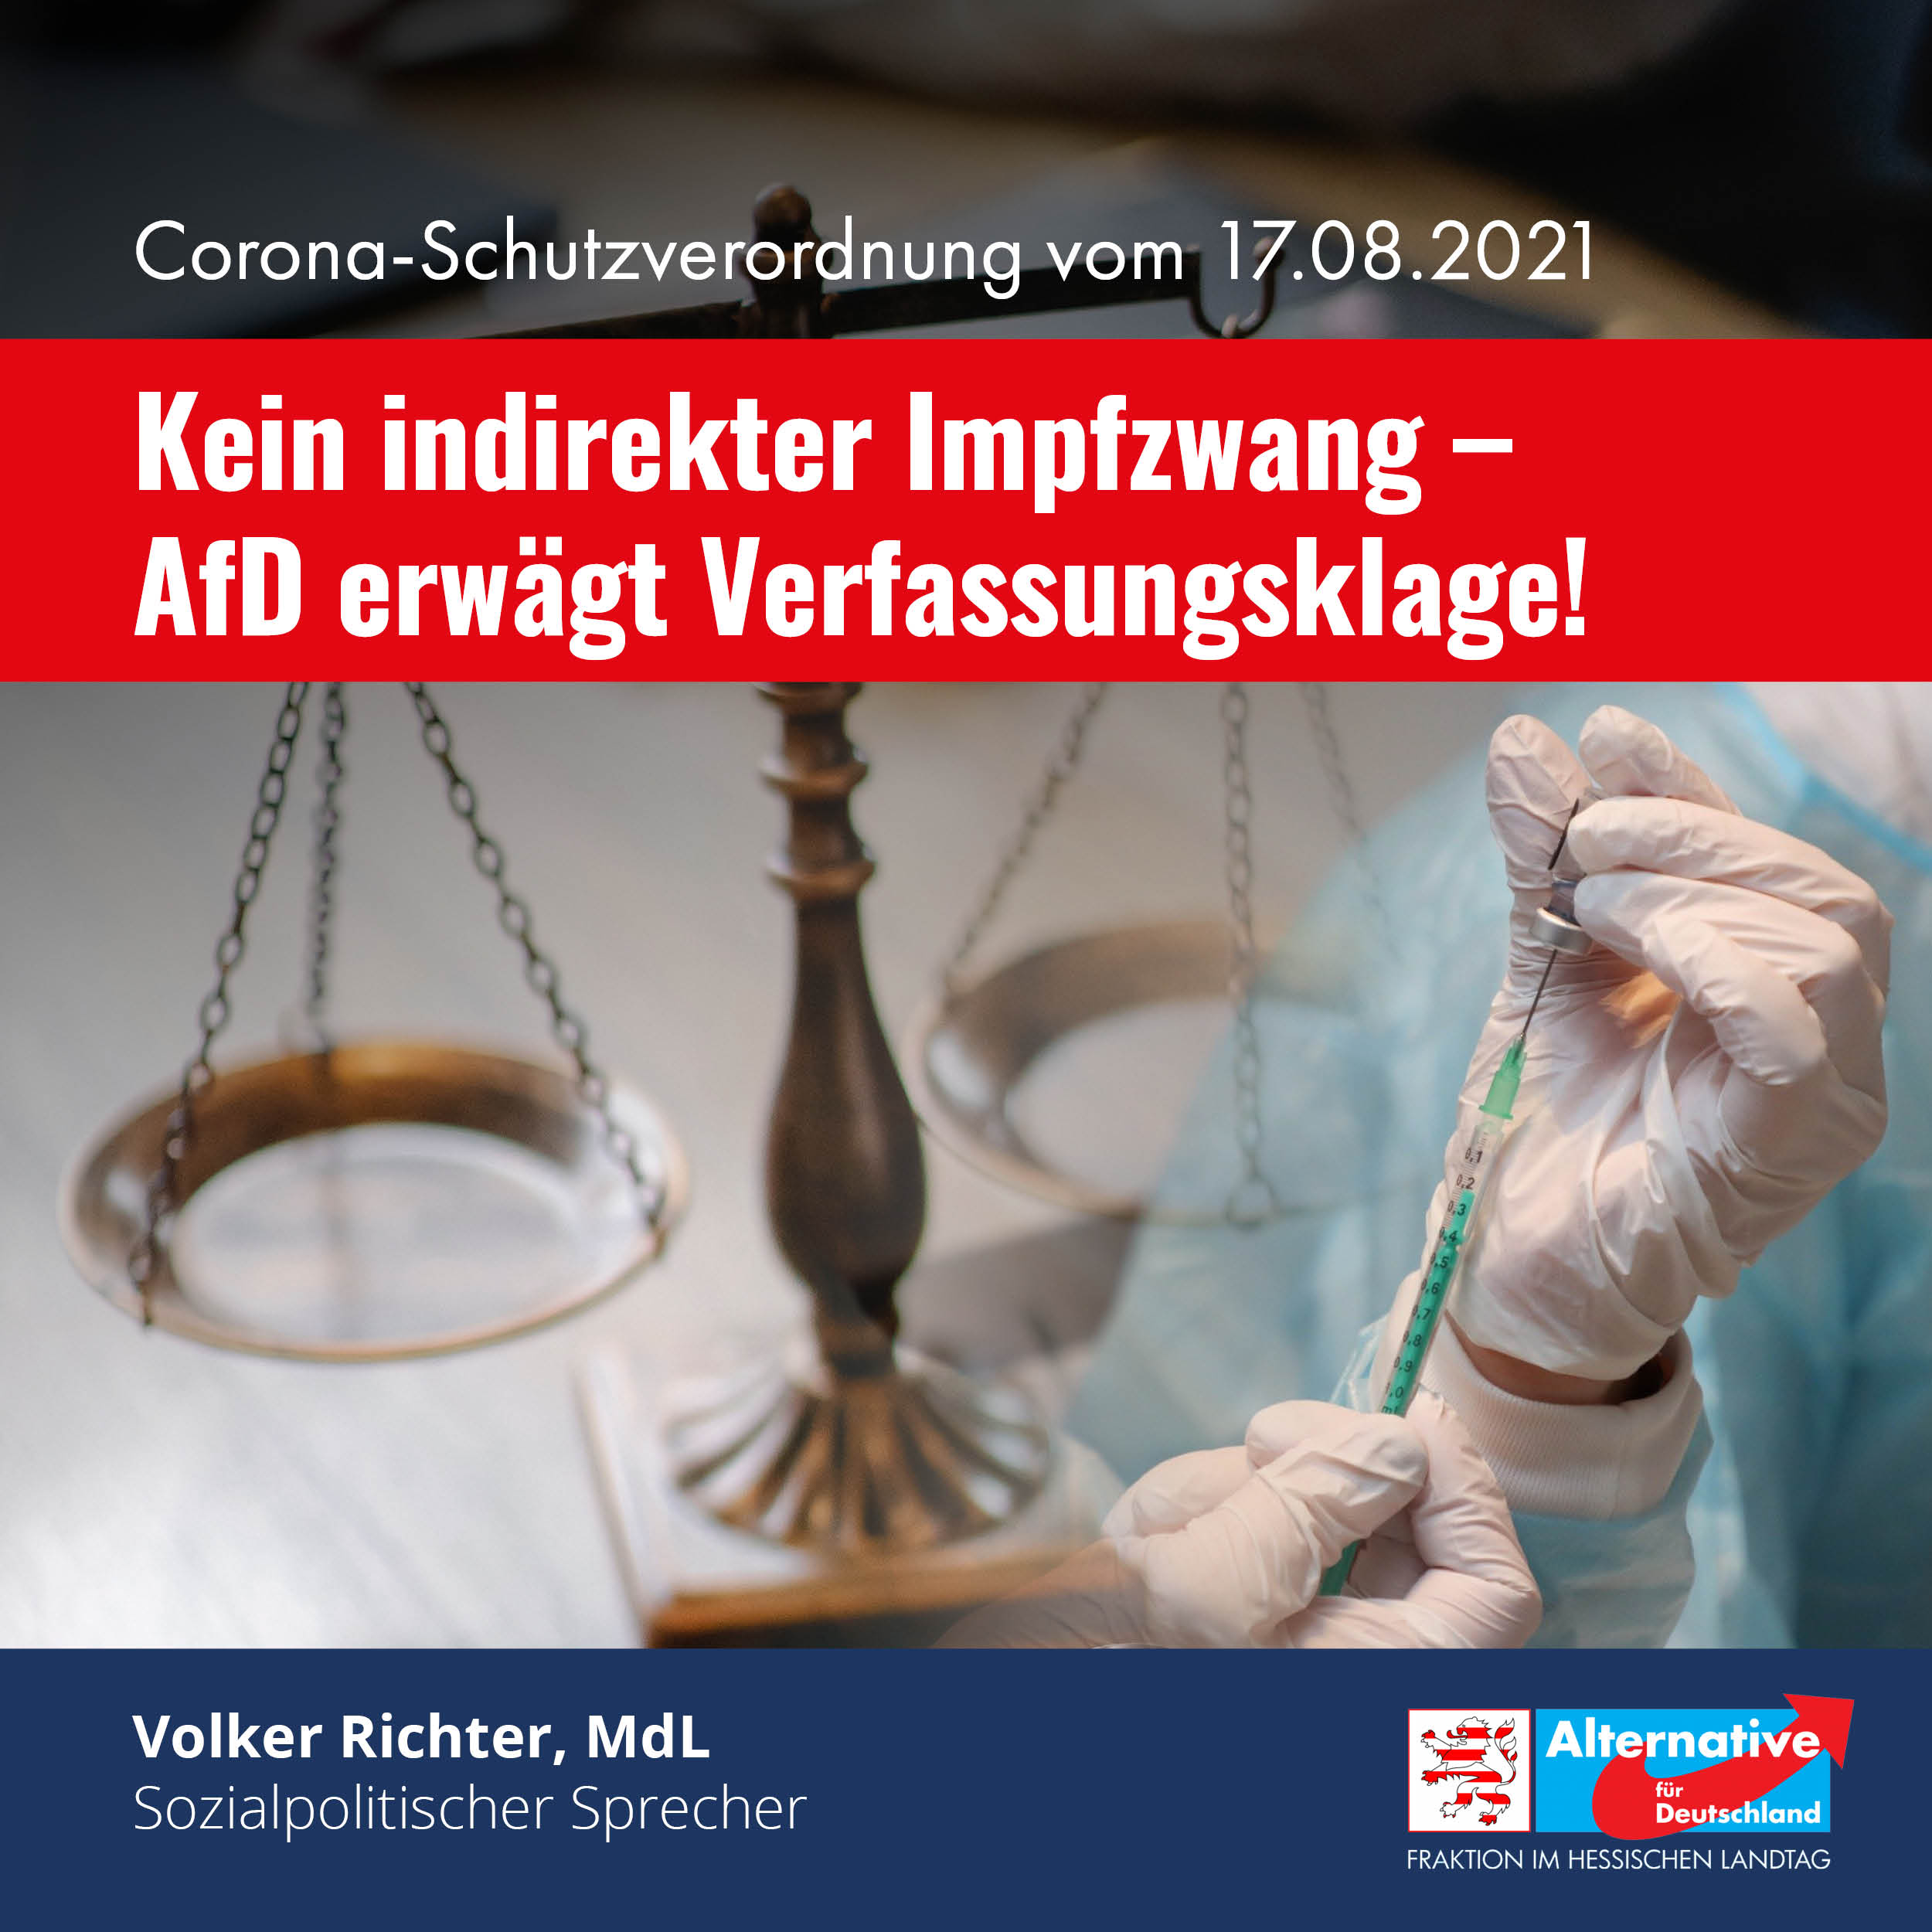 AfD Volker Richter